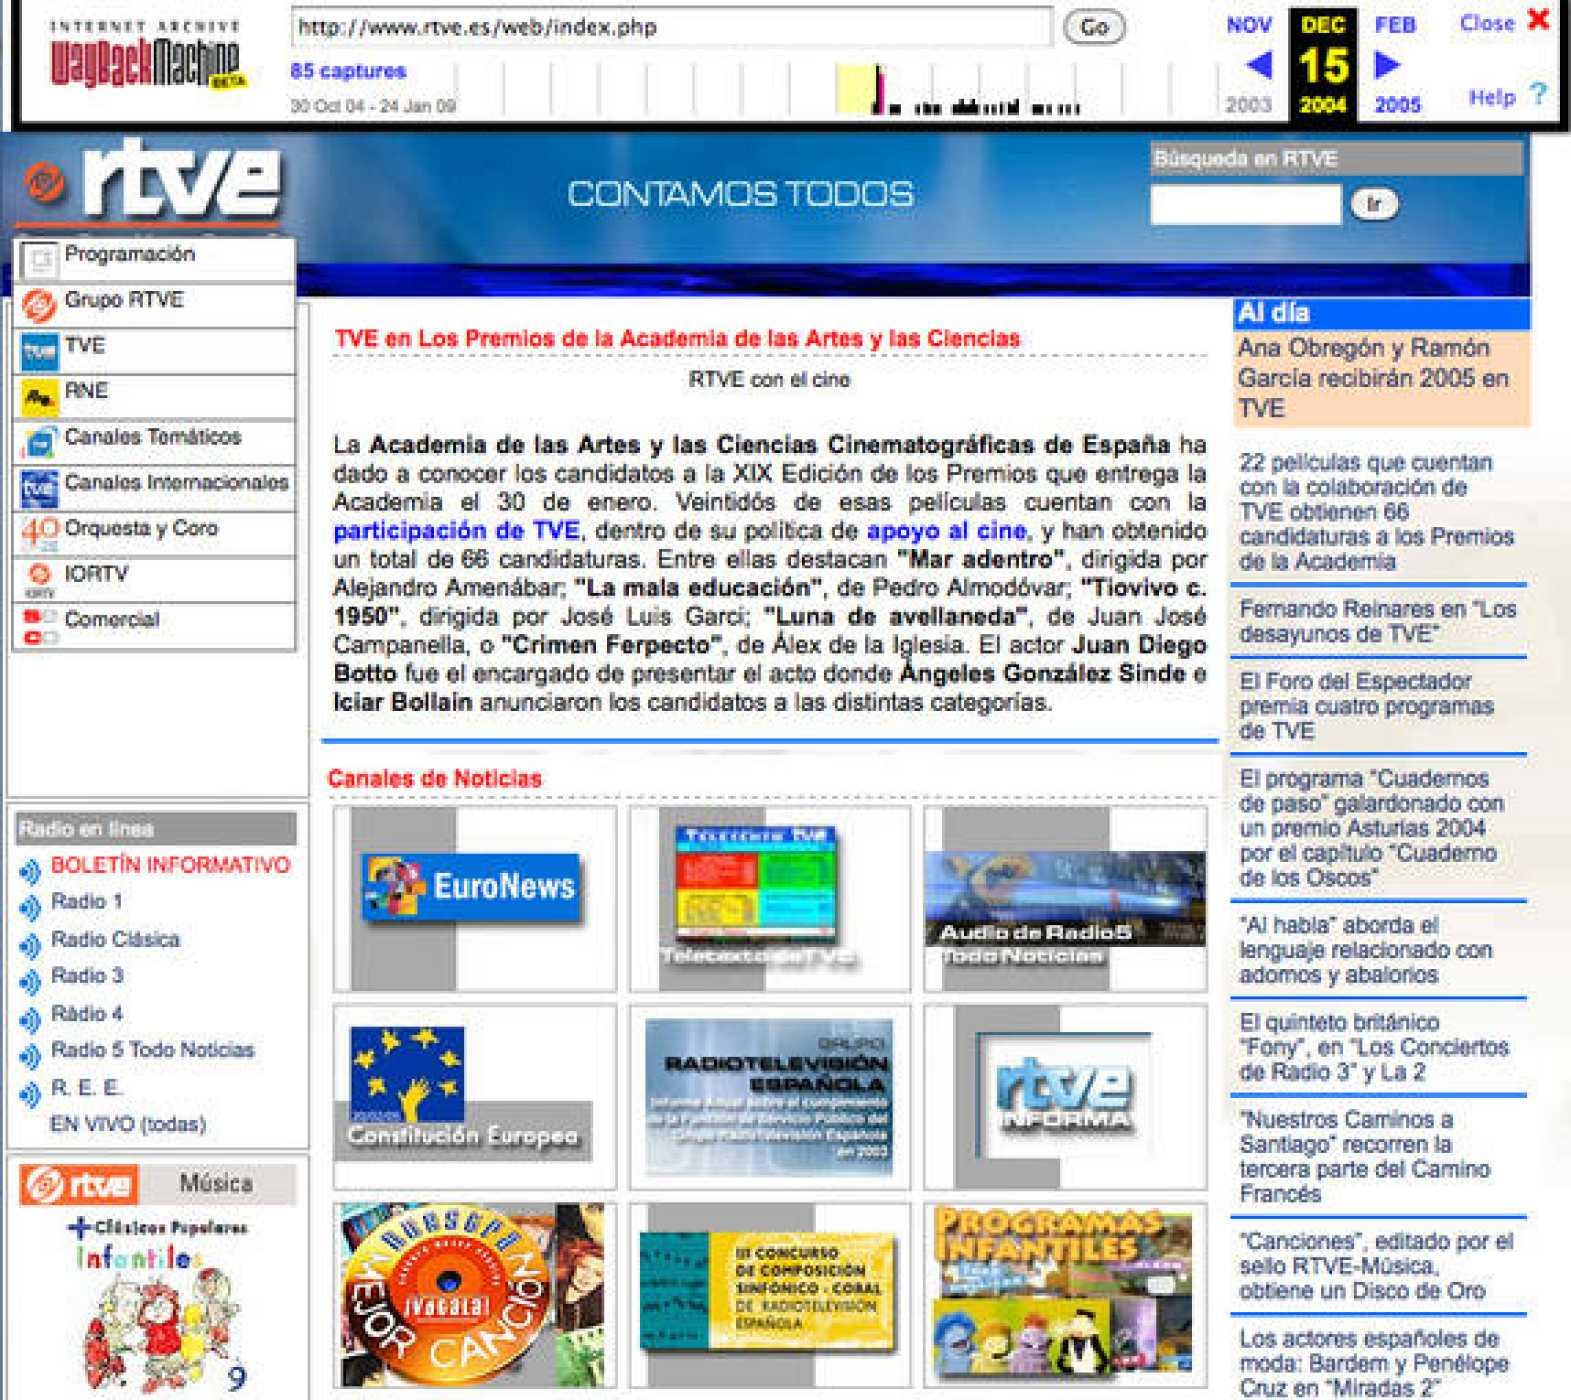 Una de las imágenes recopiladas en Wayback Machine de RTVE.es en 2004.